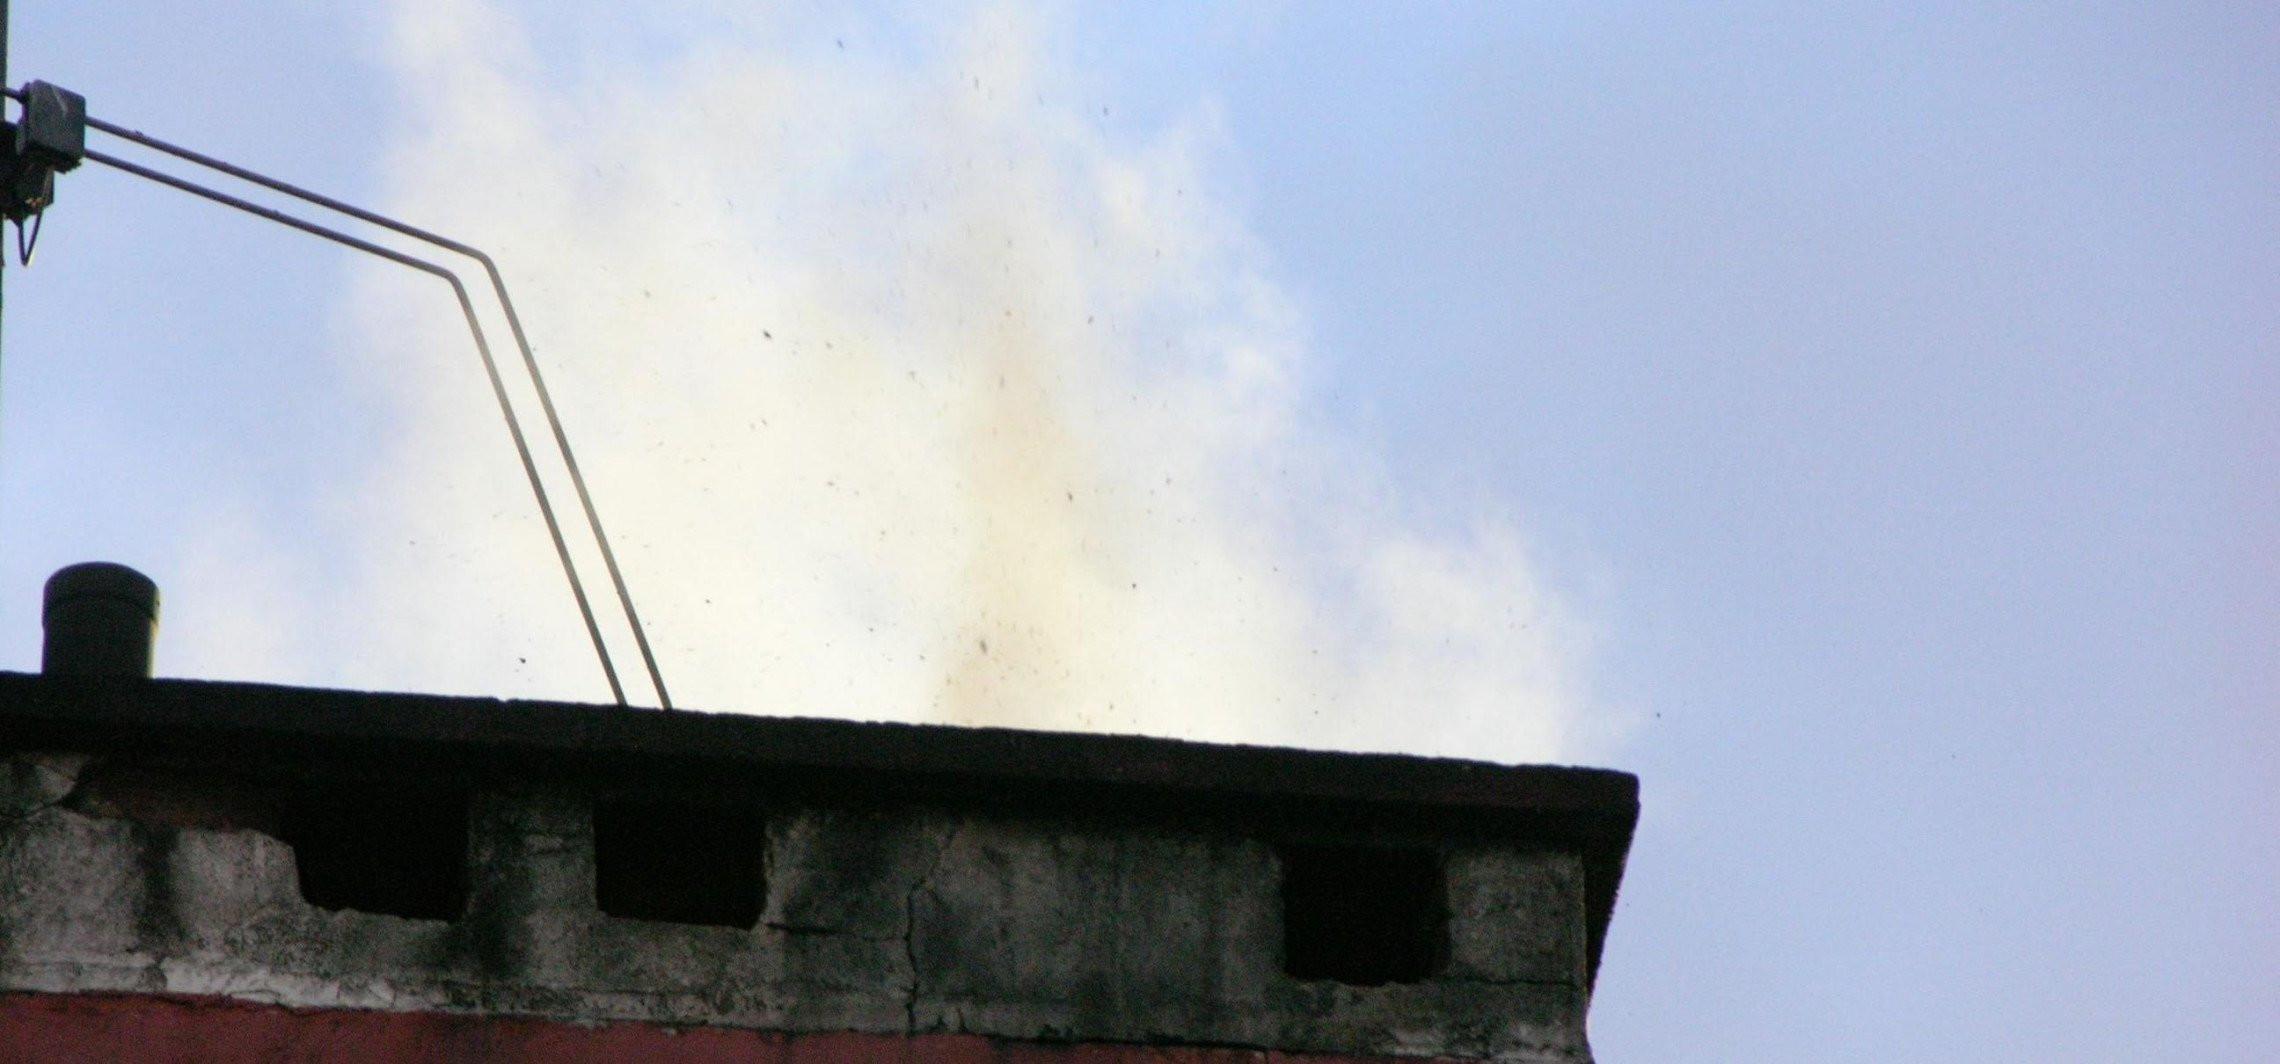 Inowrocław - Zielona środa: smog jak papierosy. Ile palisz?